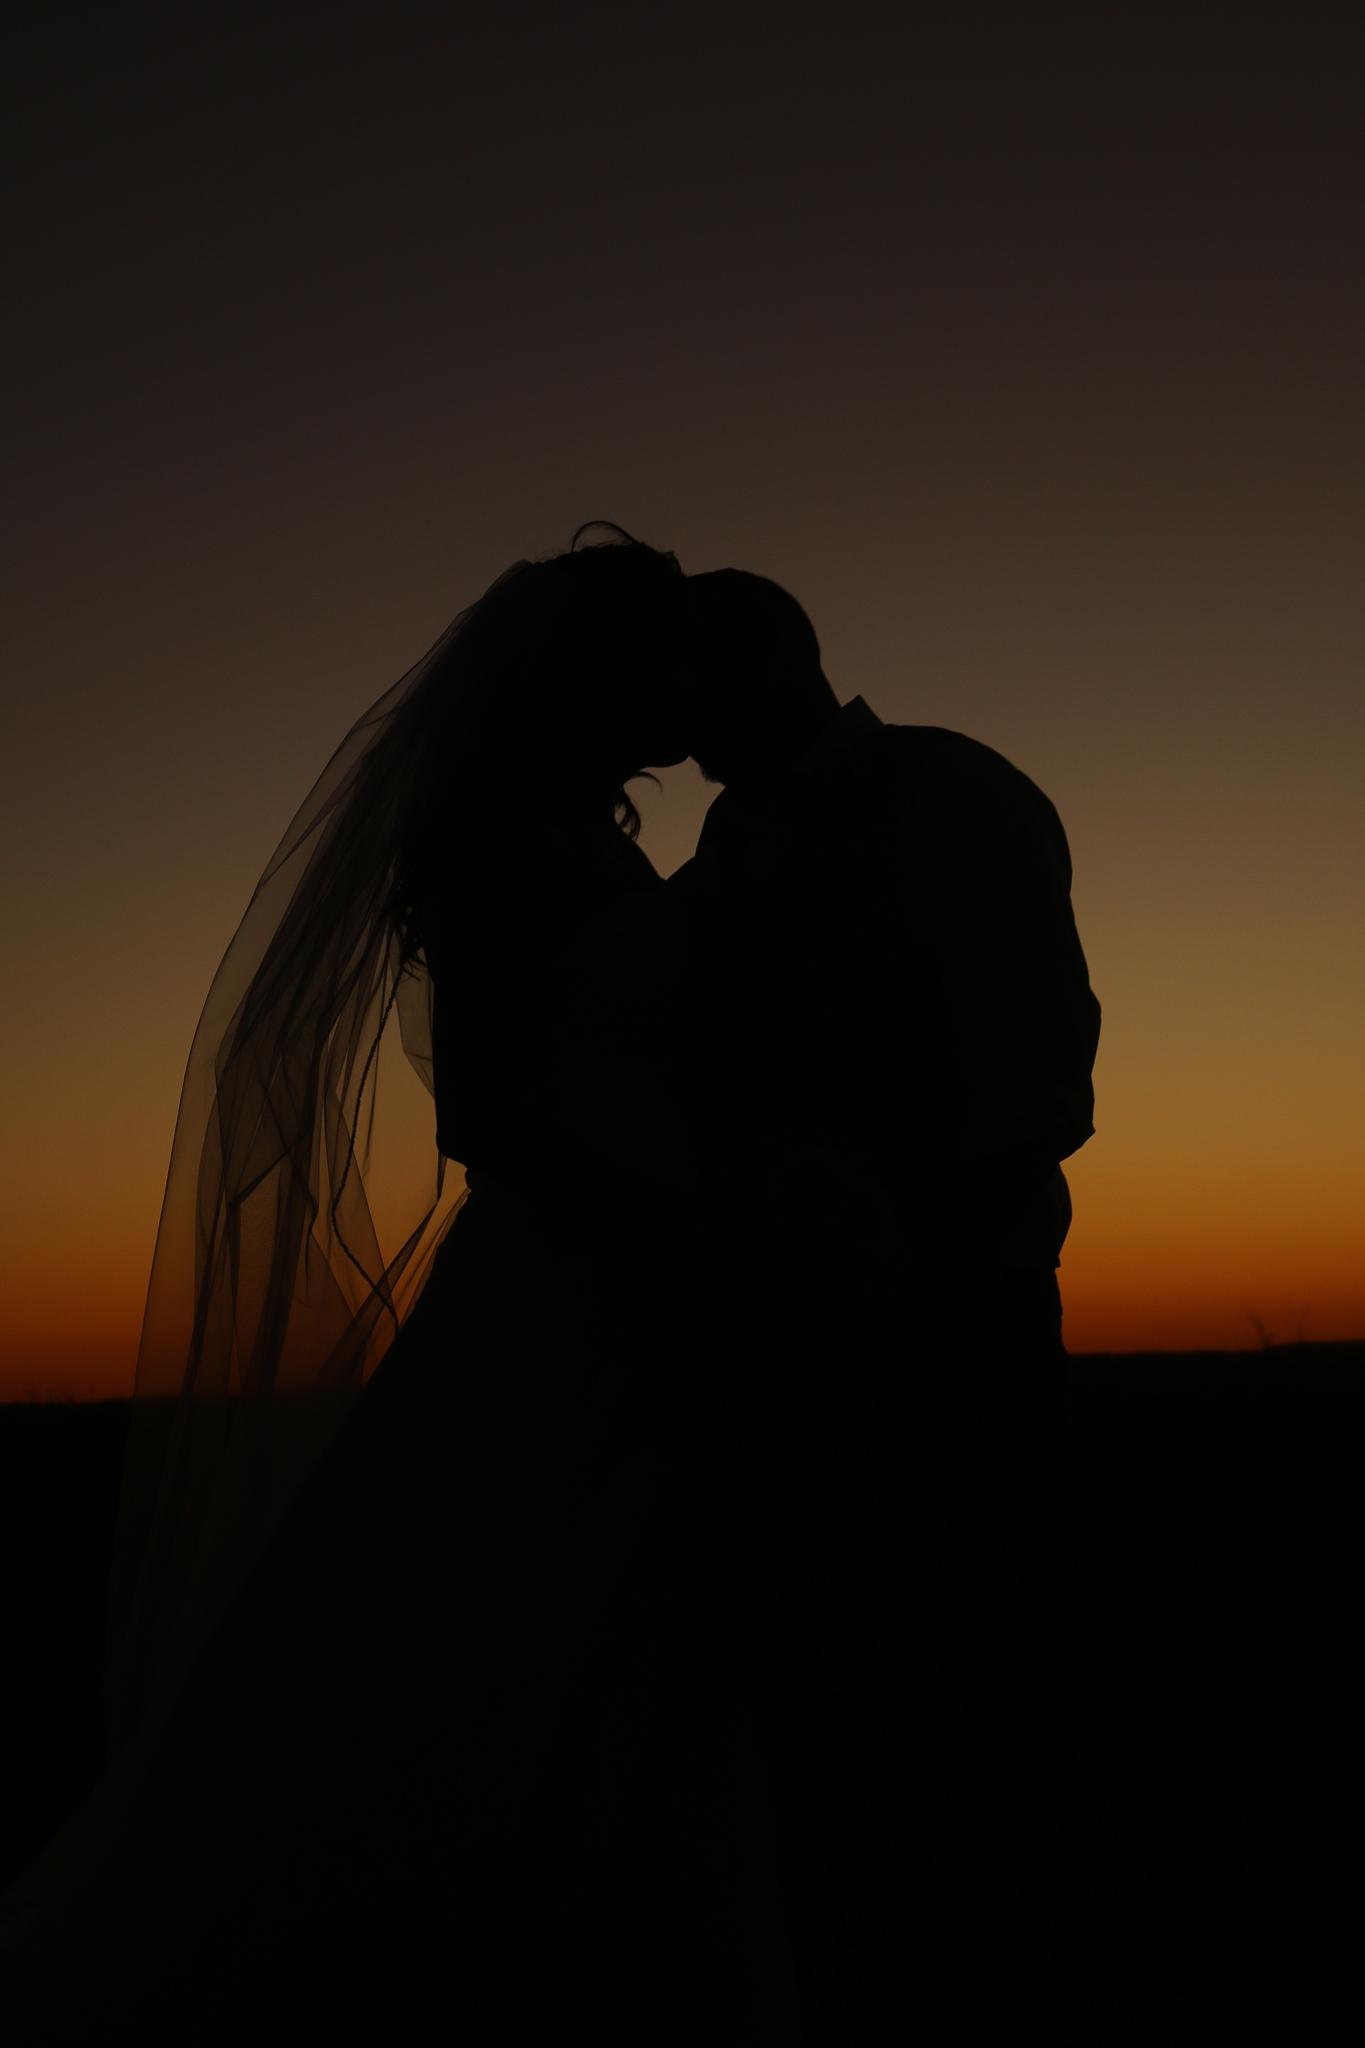 婚姻星两颗会不会二婚 八字看你会不会二婚